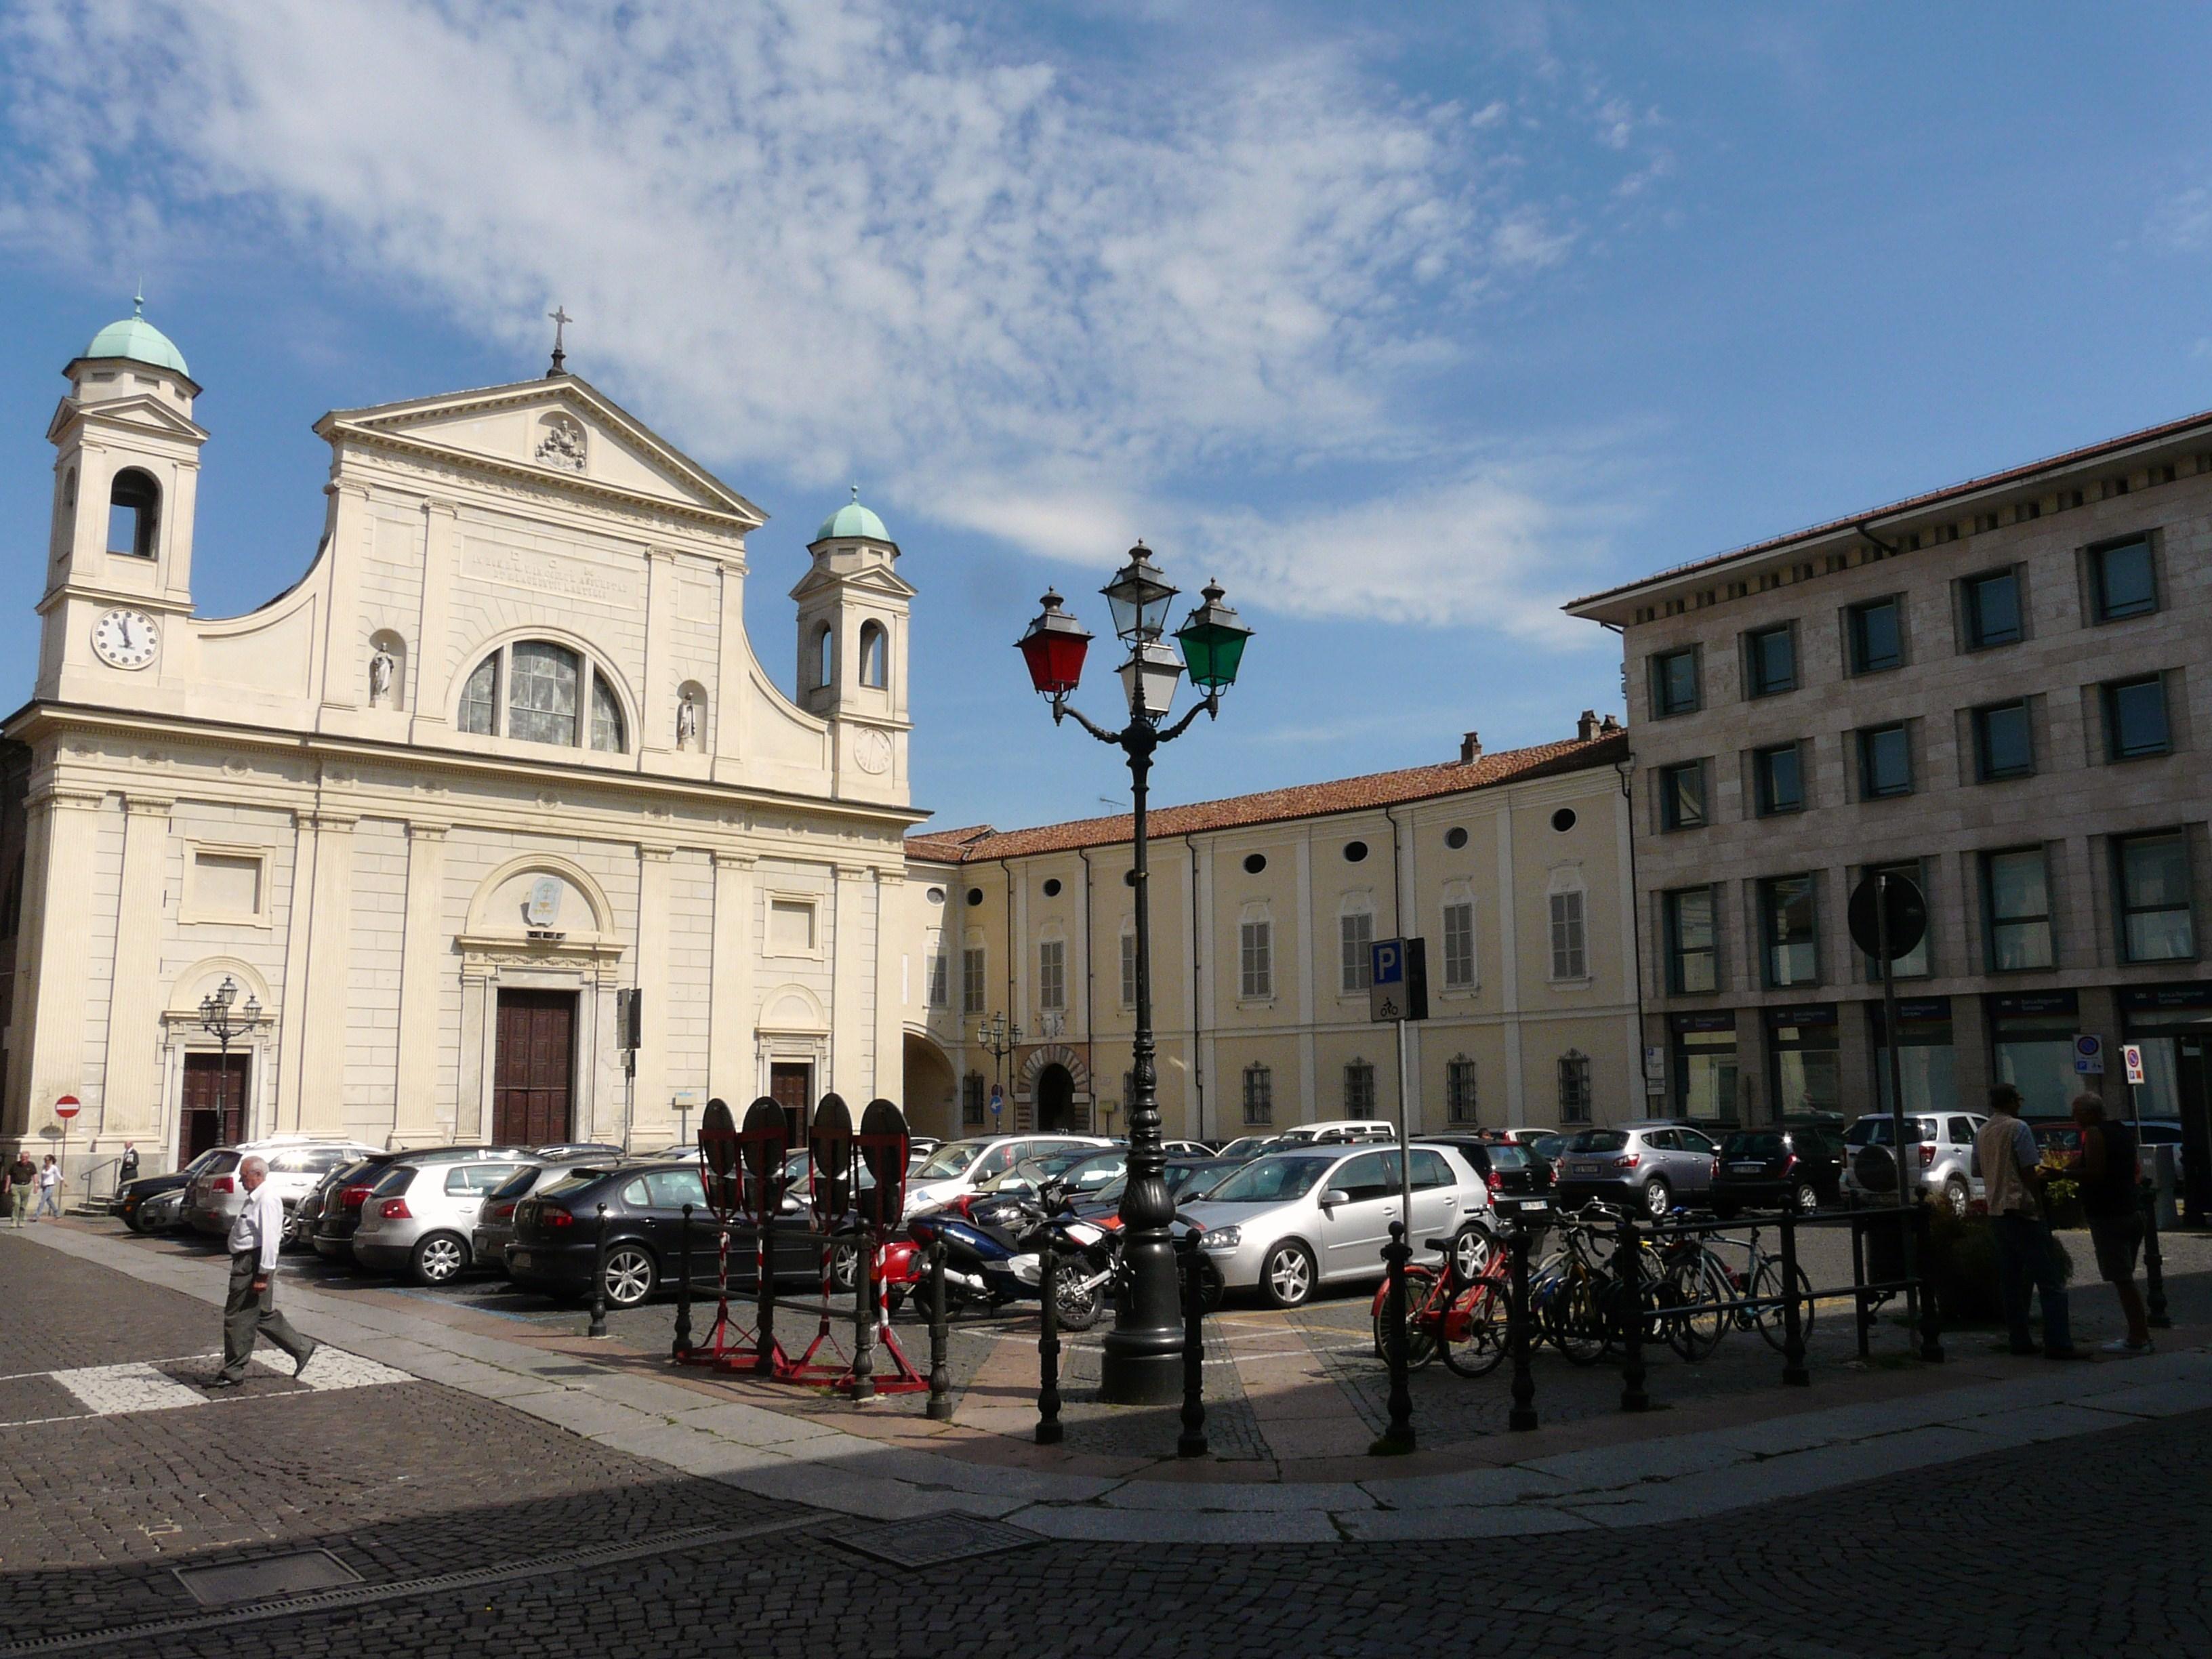 Tortona, de finishplaats van vandaag (Foto: Panoramio)